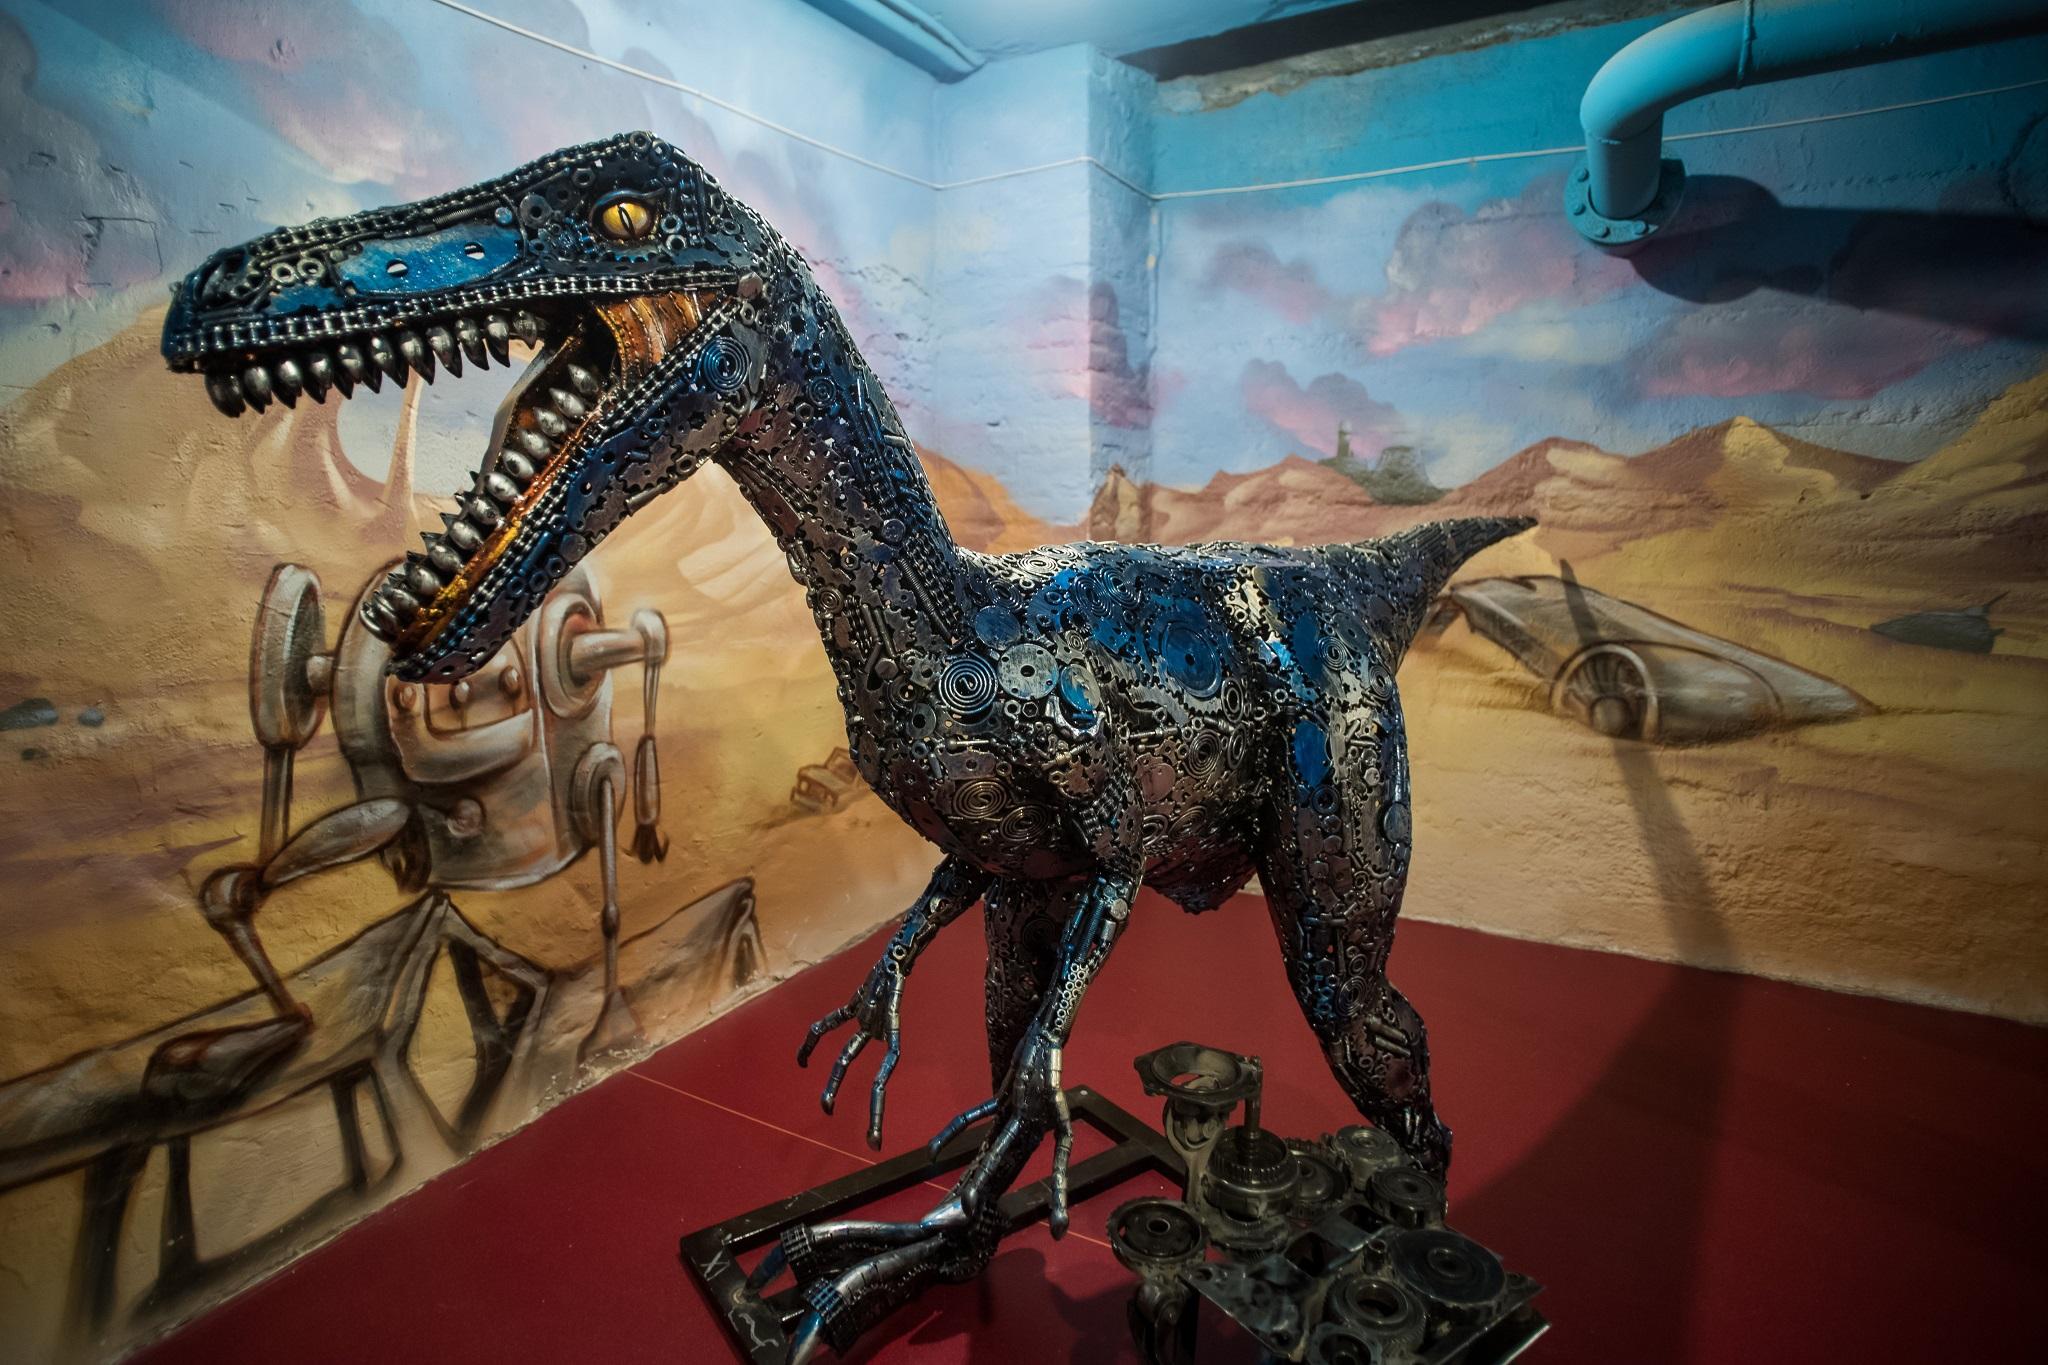 Fogaskerékből dinoszaurusz